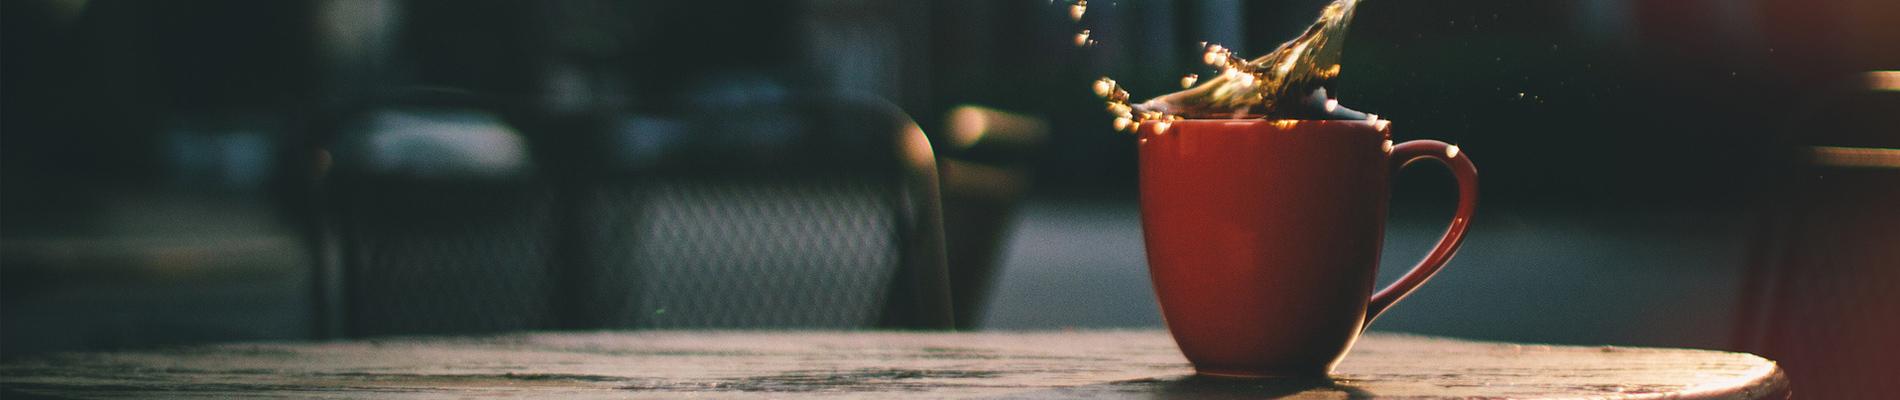 Пить кофе как итальянец